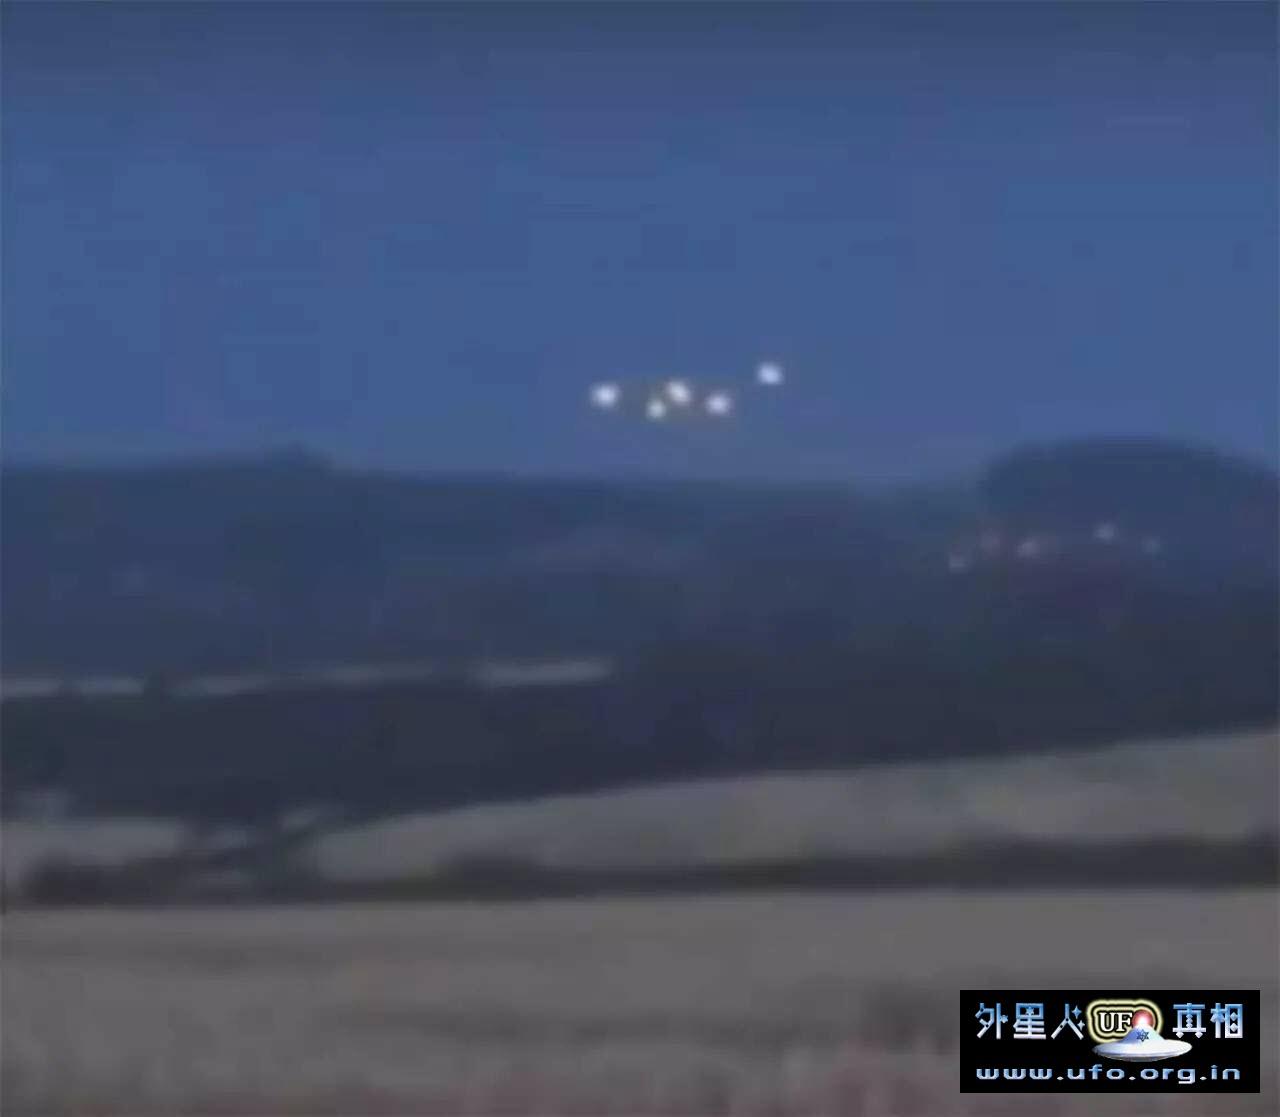 UFO专家直播调查麦田圈拍到5个UFO (外星人想证明是他们干的好事) 第1张